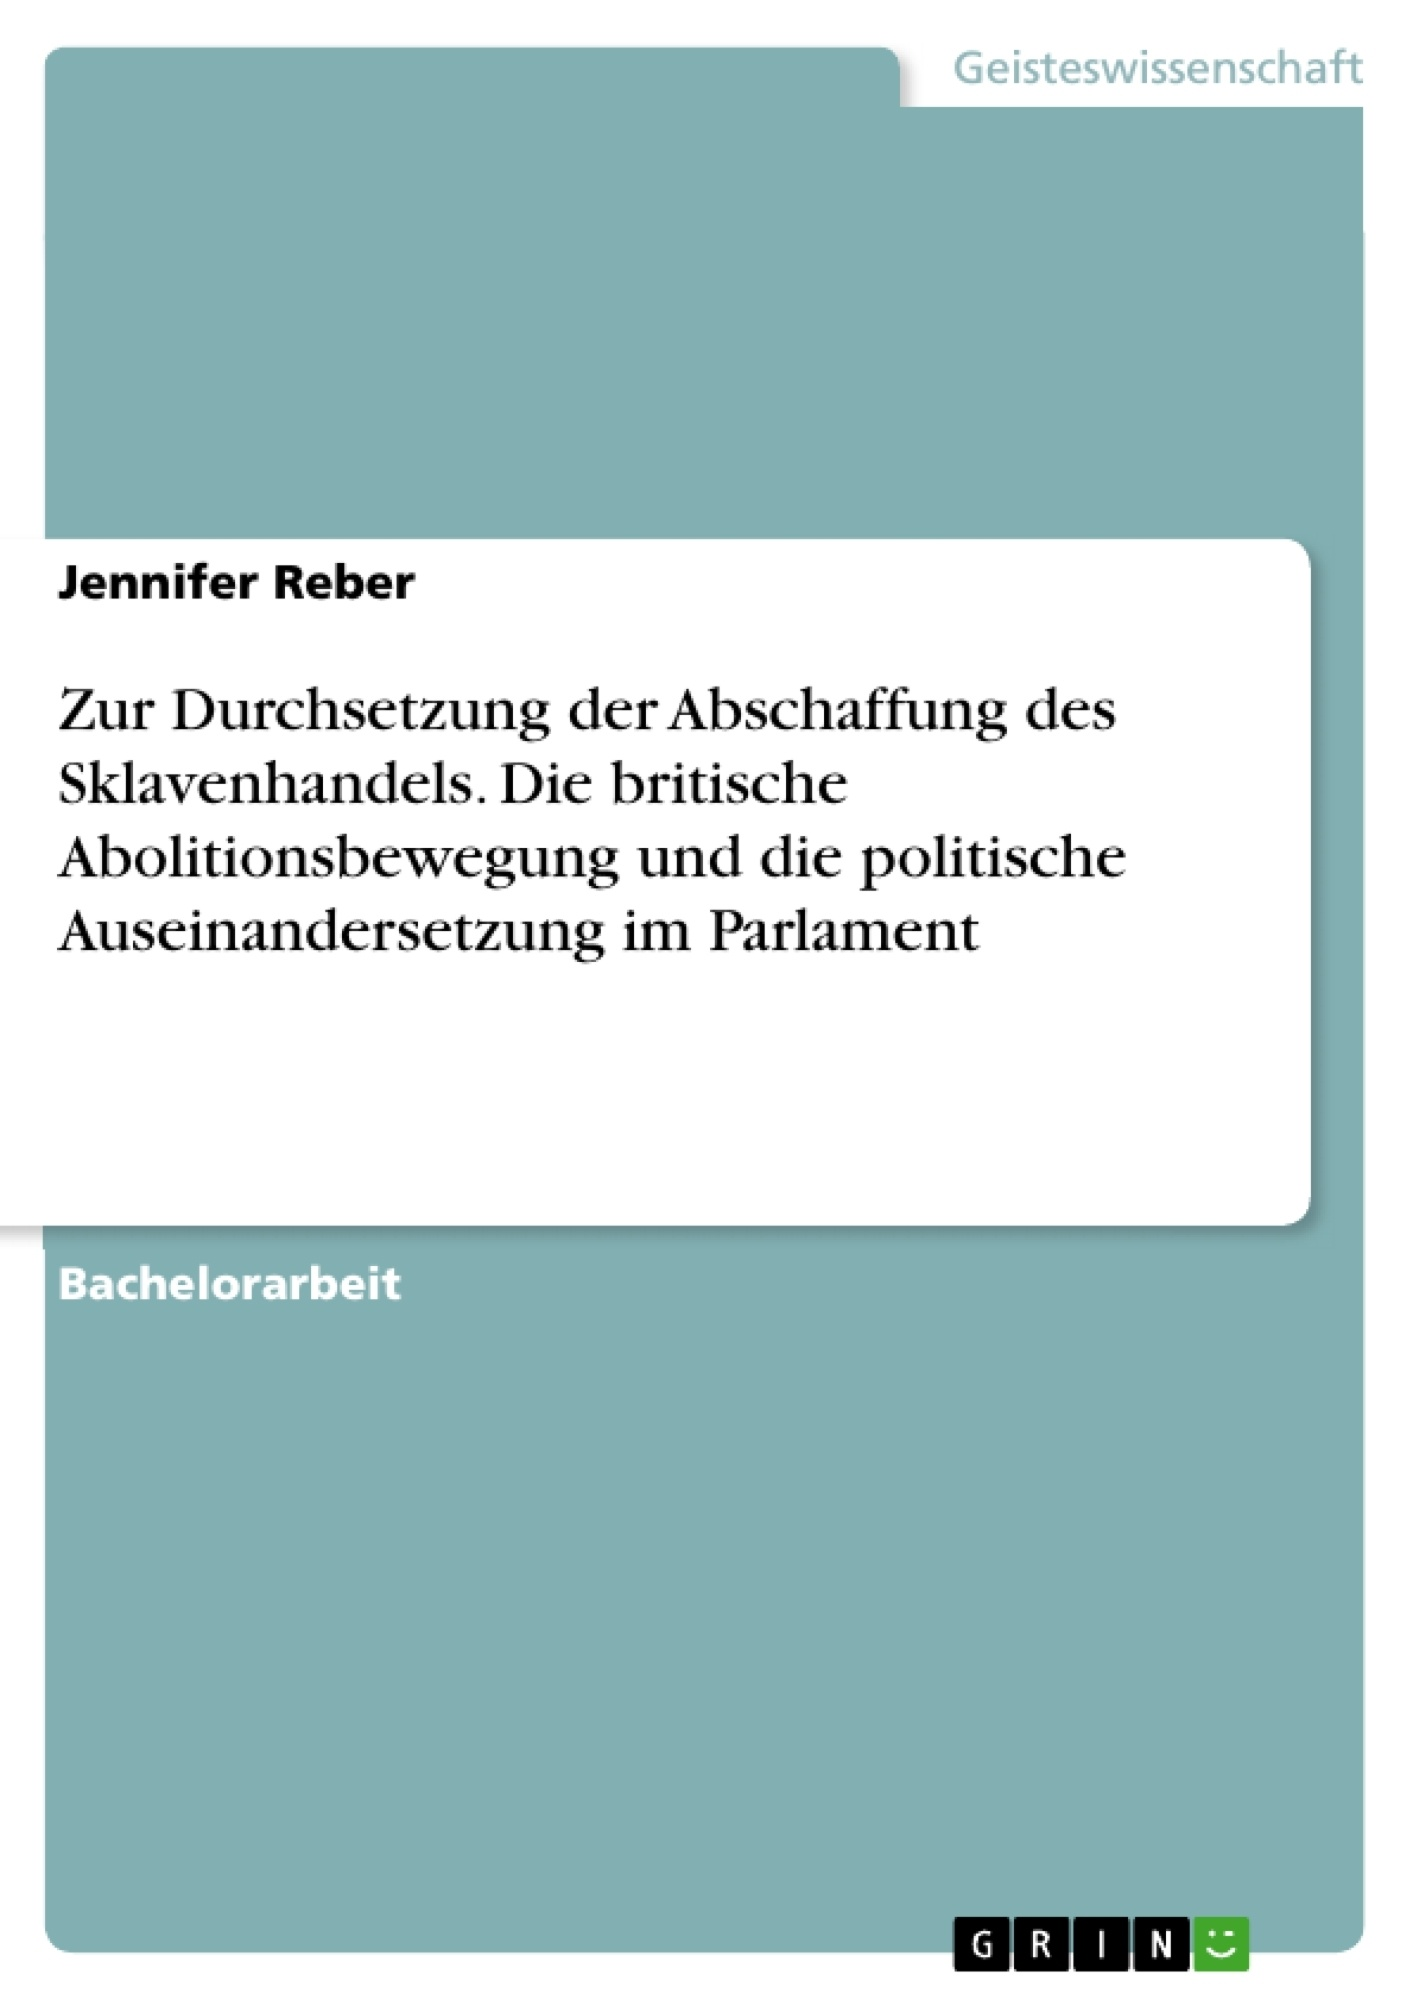 Titel: Zur Durchsetzung der Abschaffung des Sklavenhandels. Die britische Abolitionsbewegung und die politische Auseinandersetzung im Parlament